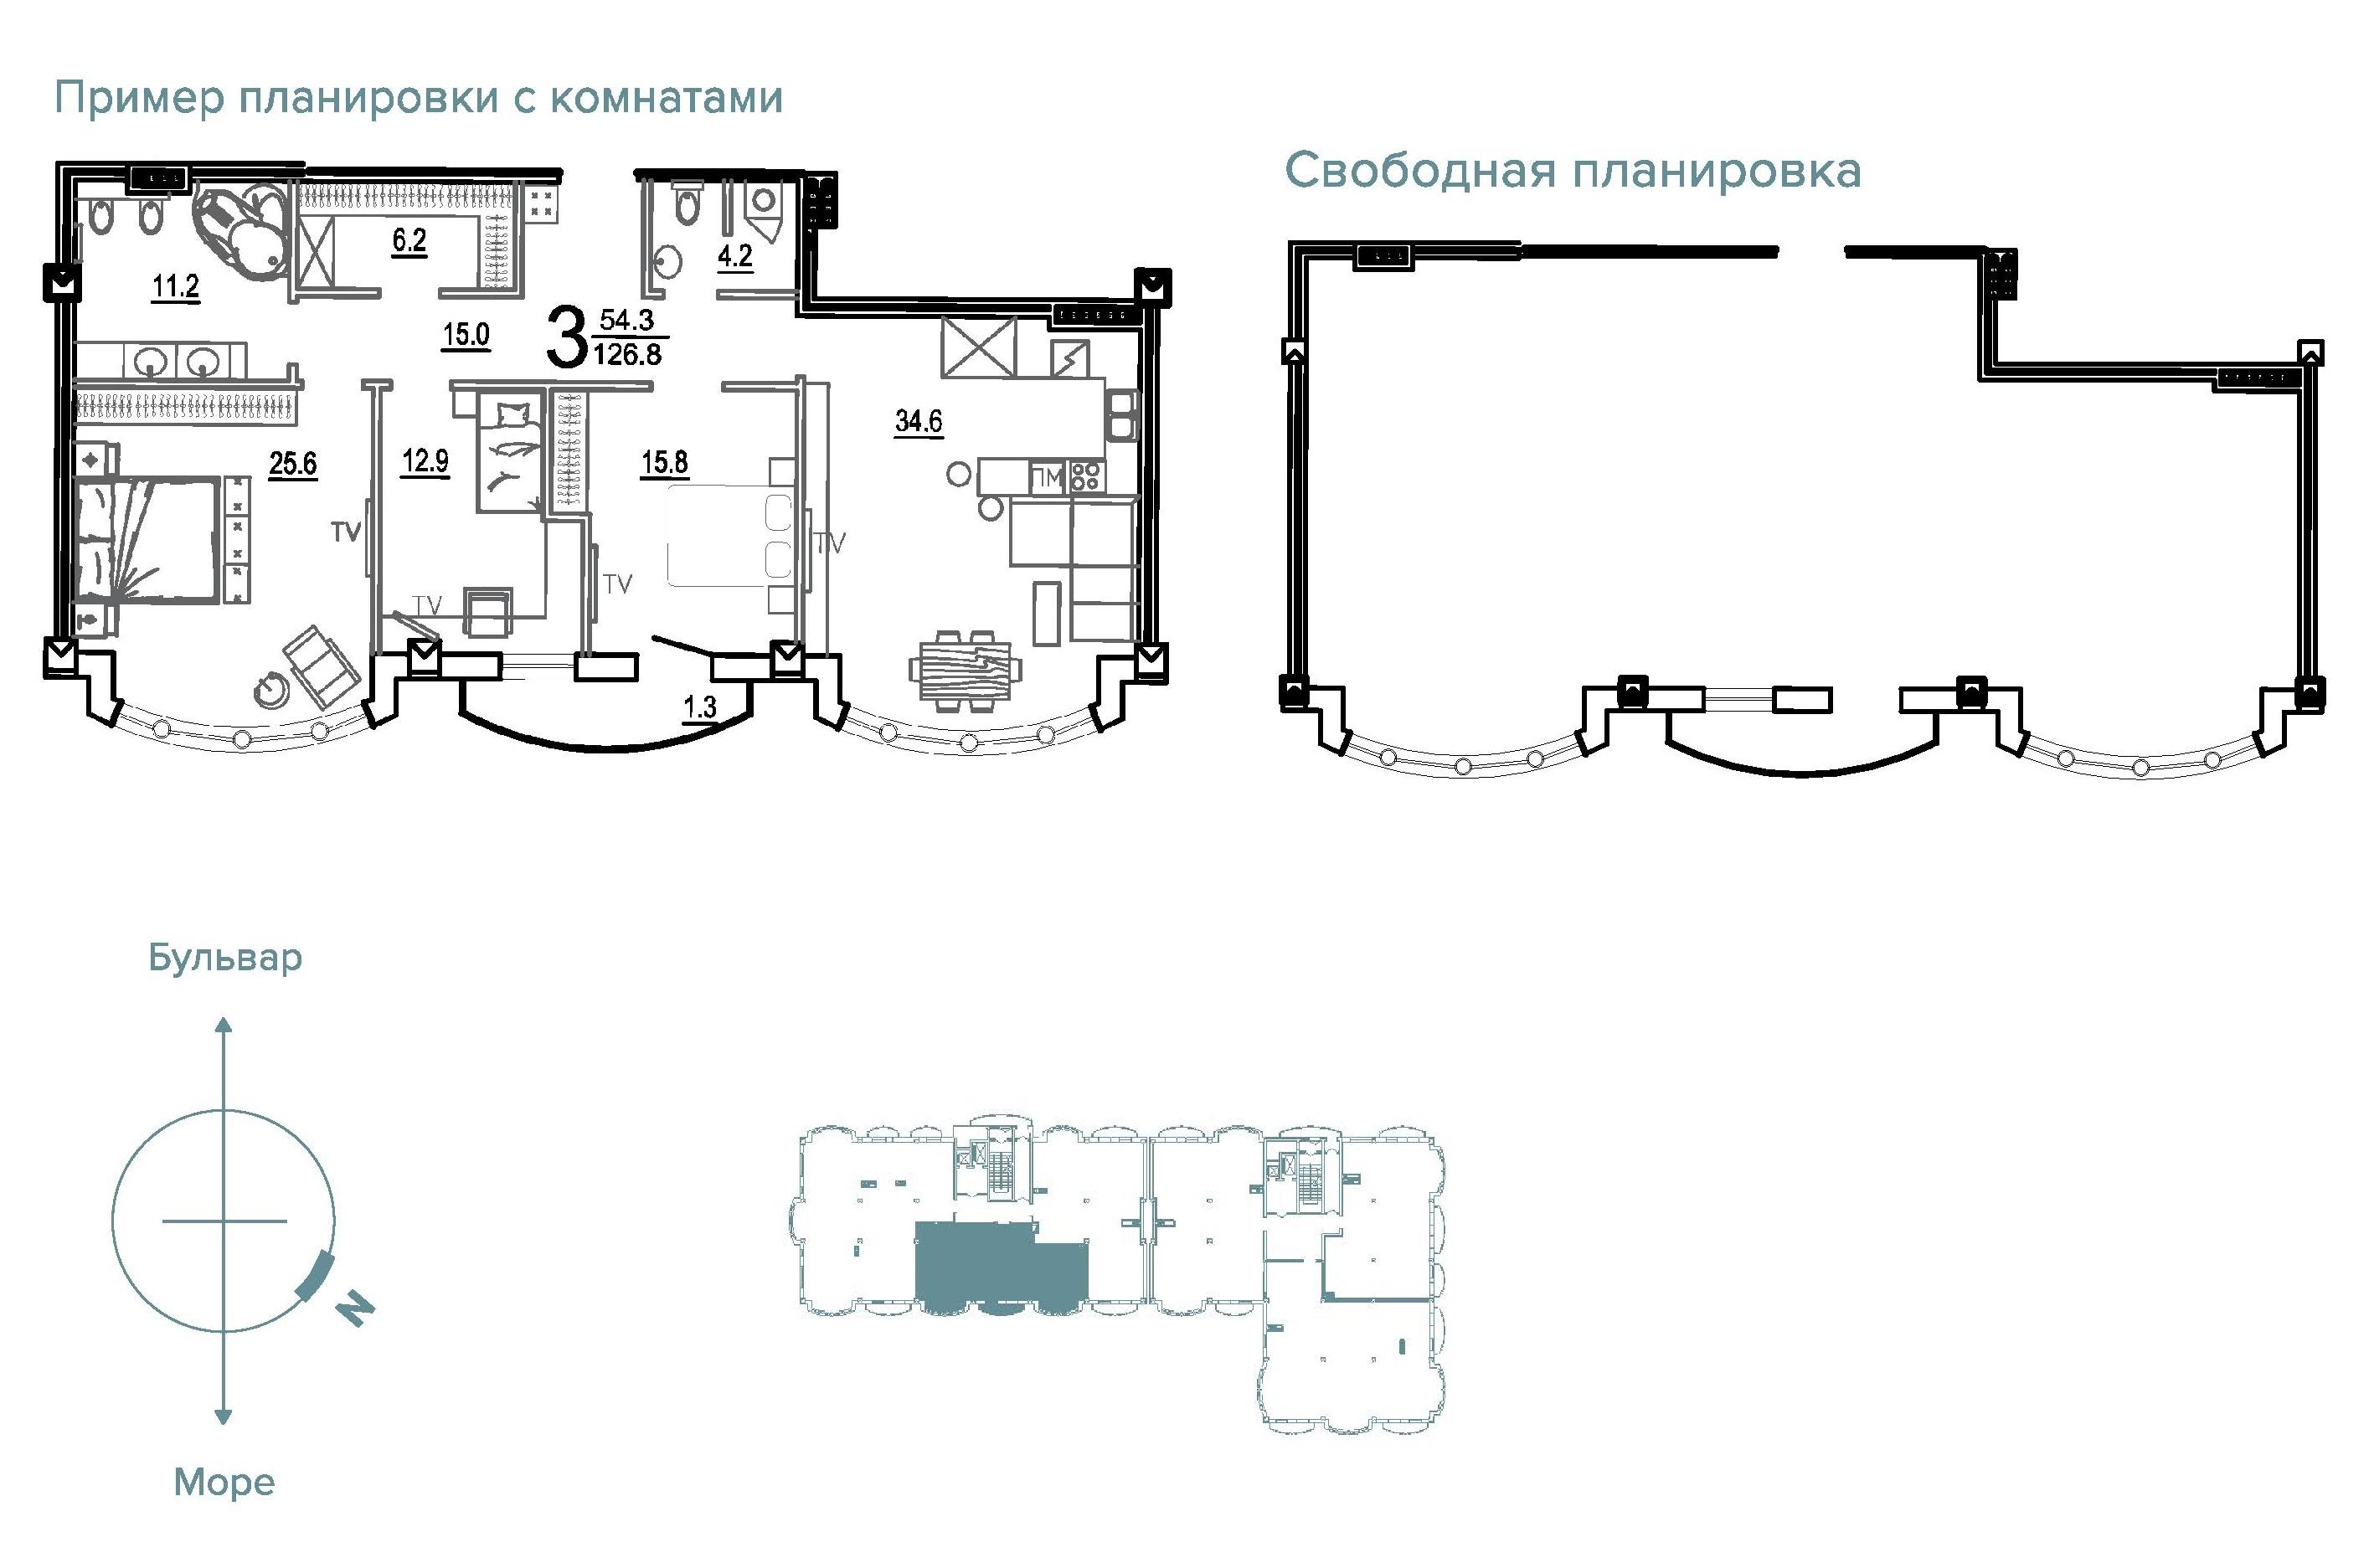 Двухкомнатная - Клубный Дом BIARRITZ (Биарриц)$291640Площадь:126,8m²